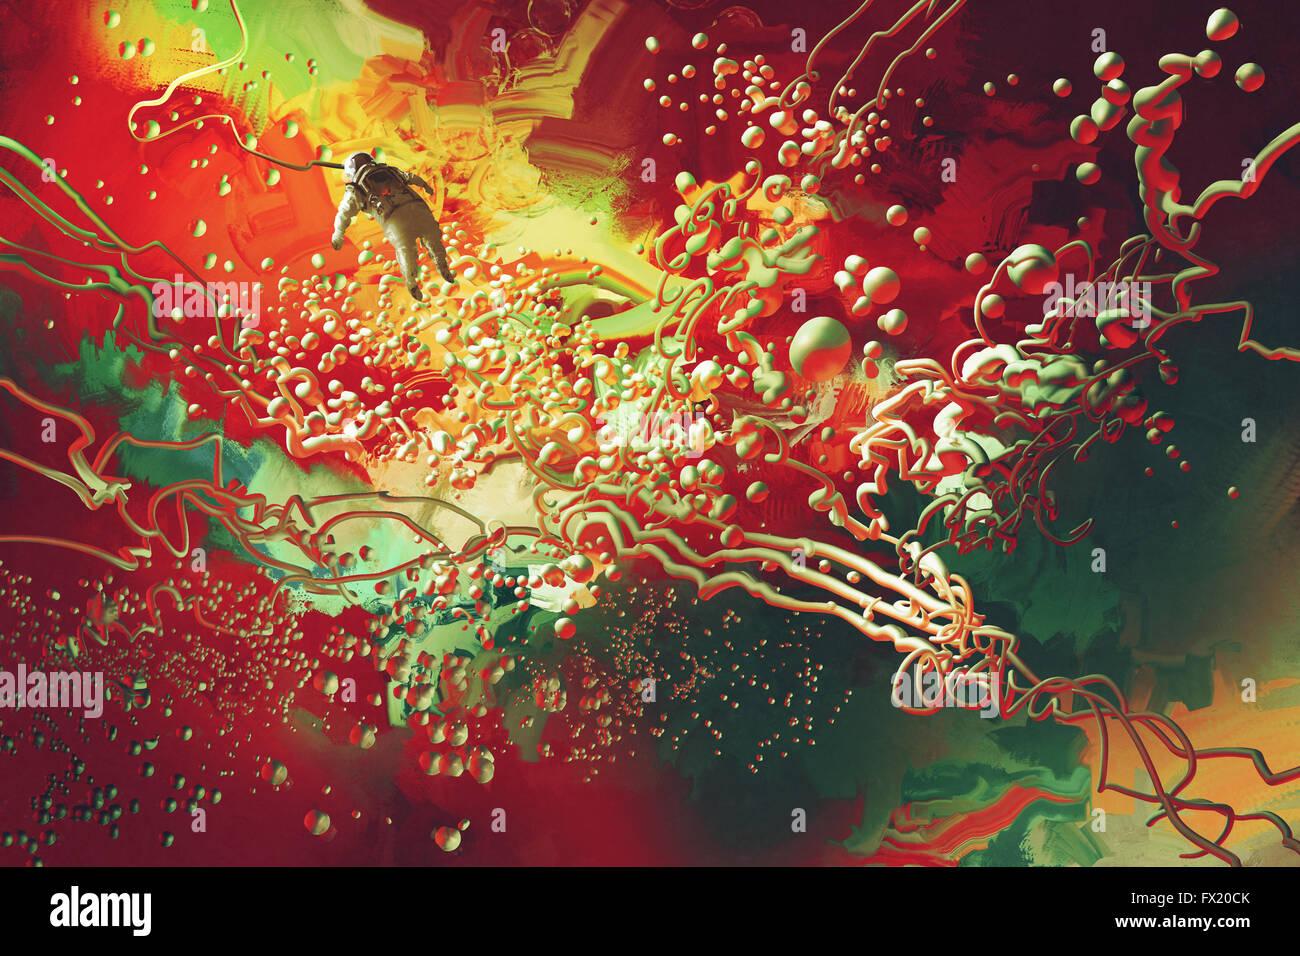 L'astronaute flottant dans l'espace abstrait,illustration peinture Photo Stock